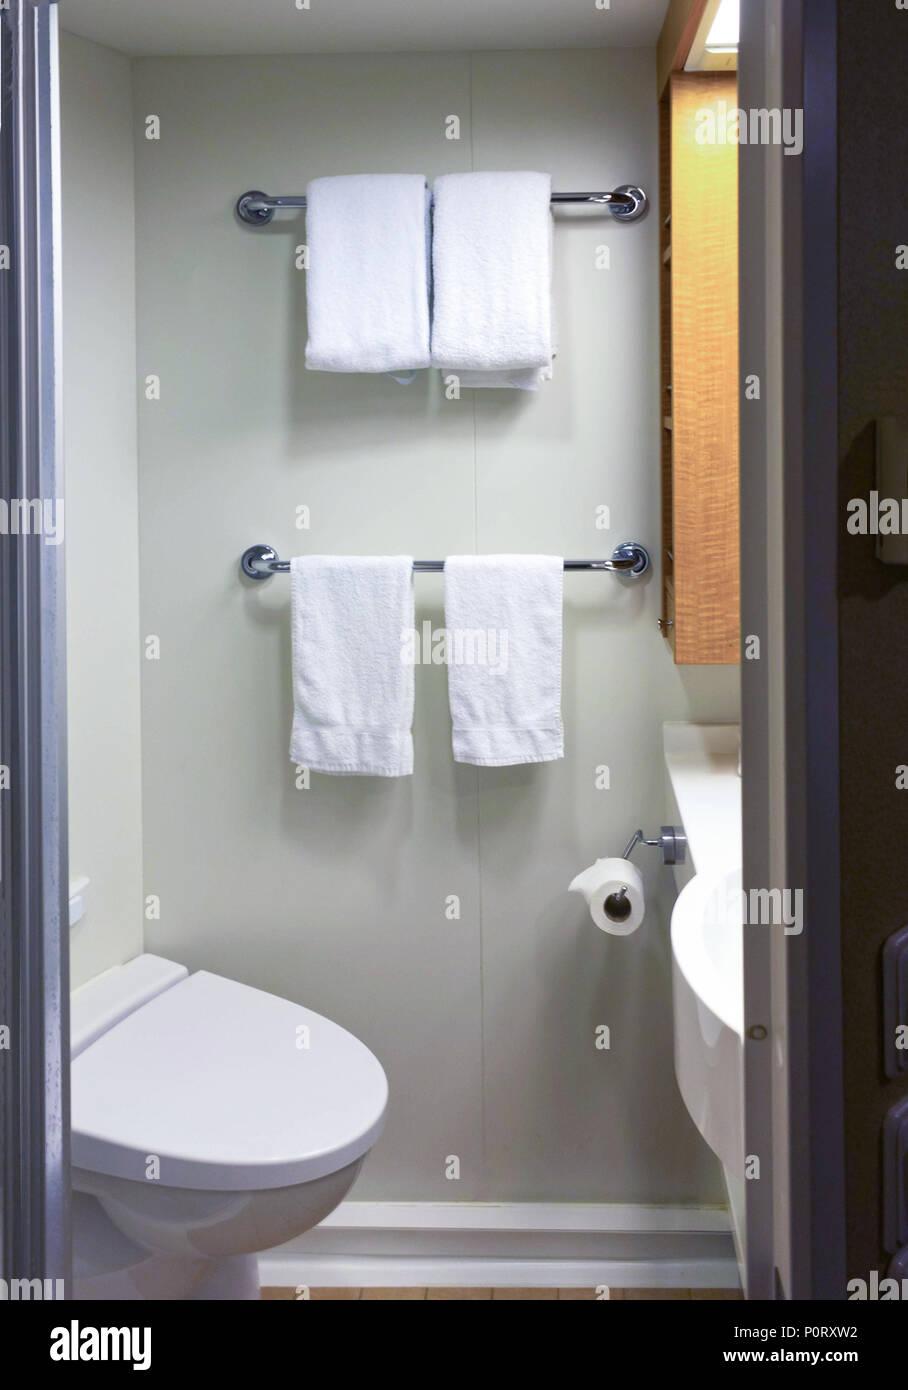 Cabine Salle De Bain Complete salle de bains avec cabine de douche, toilettes sur un